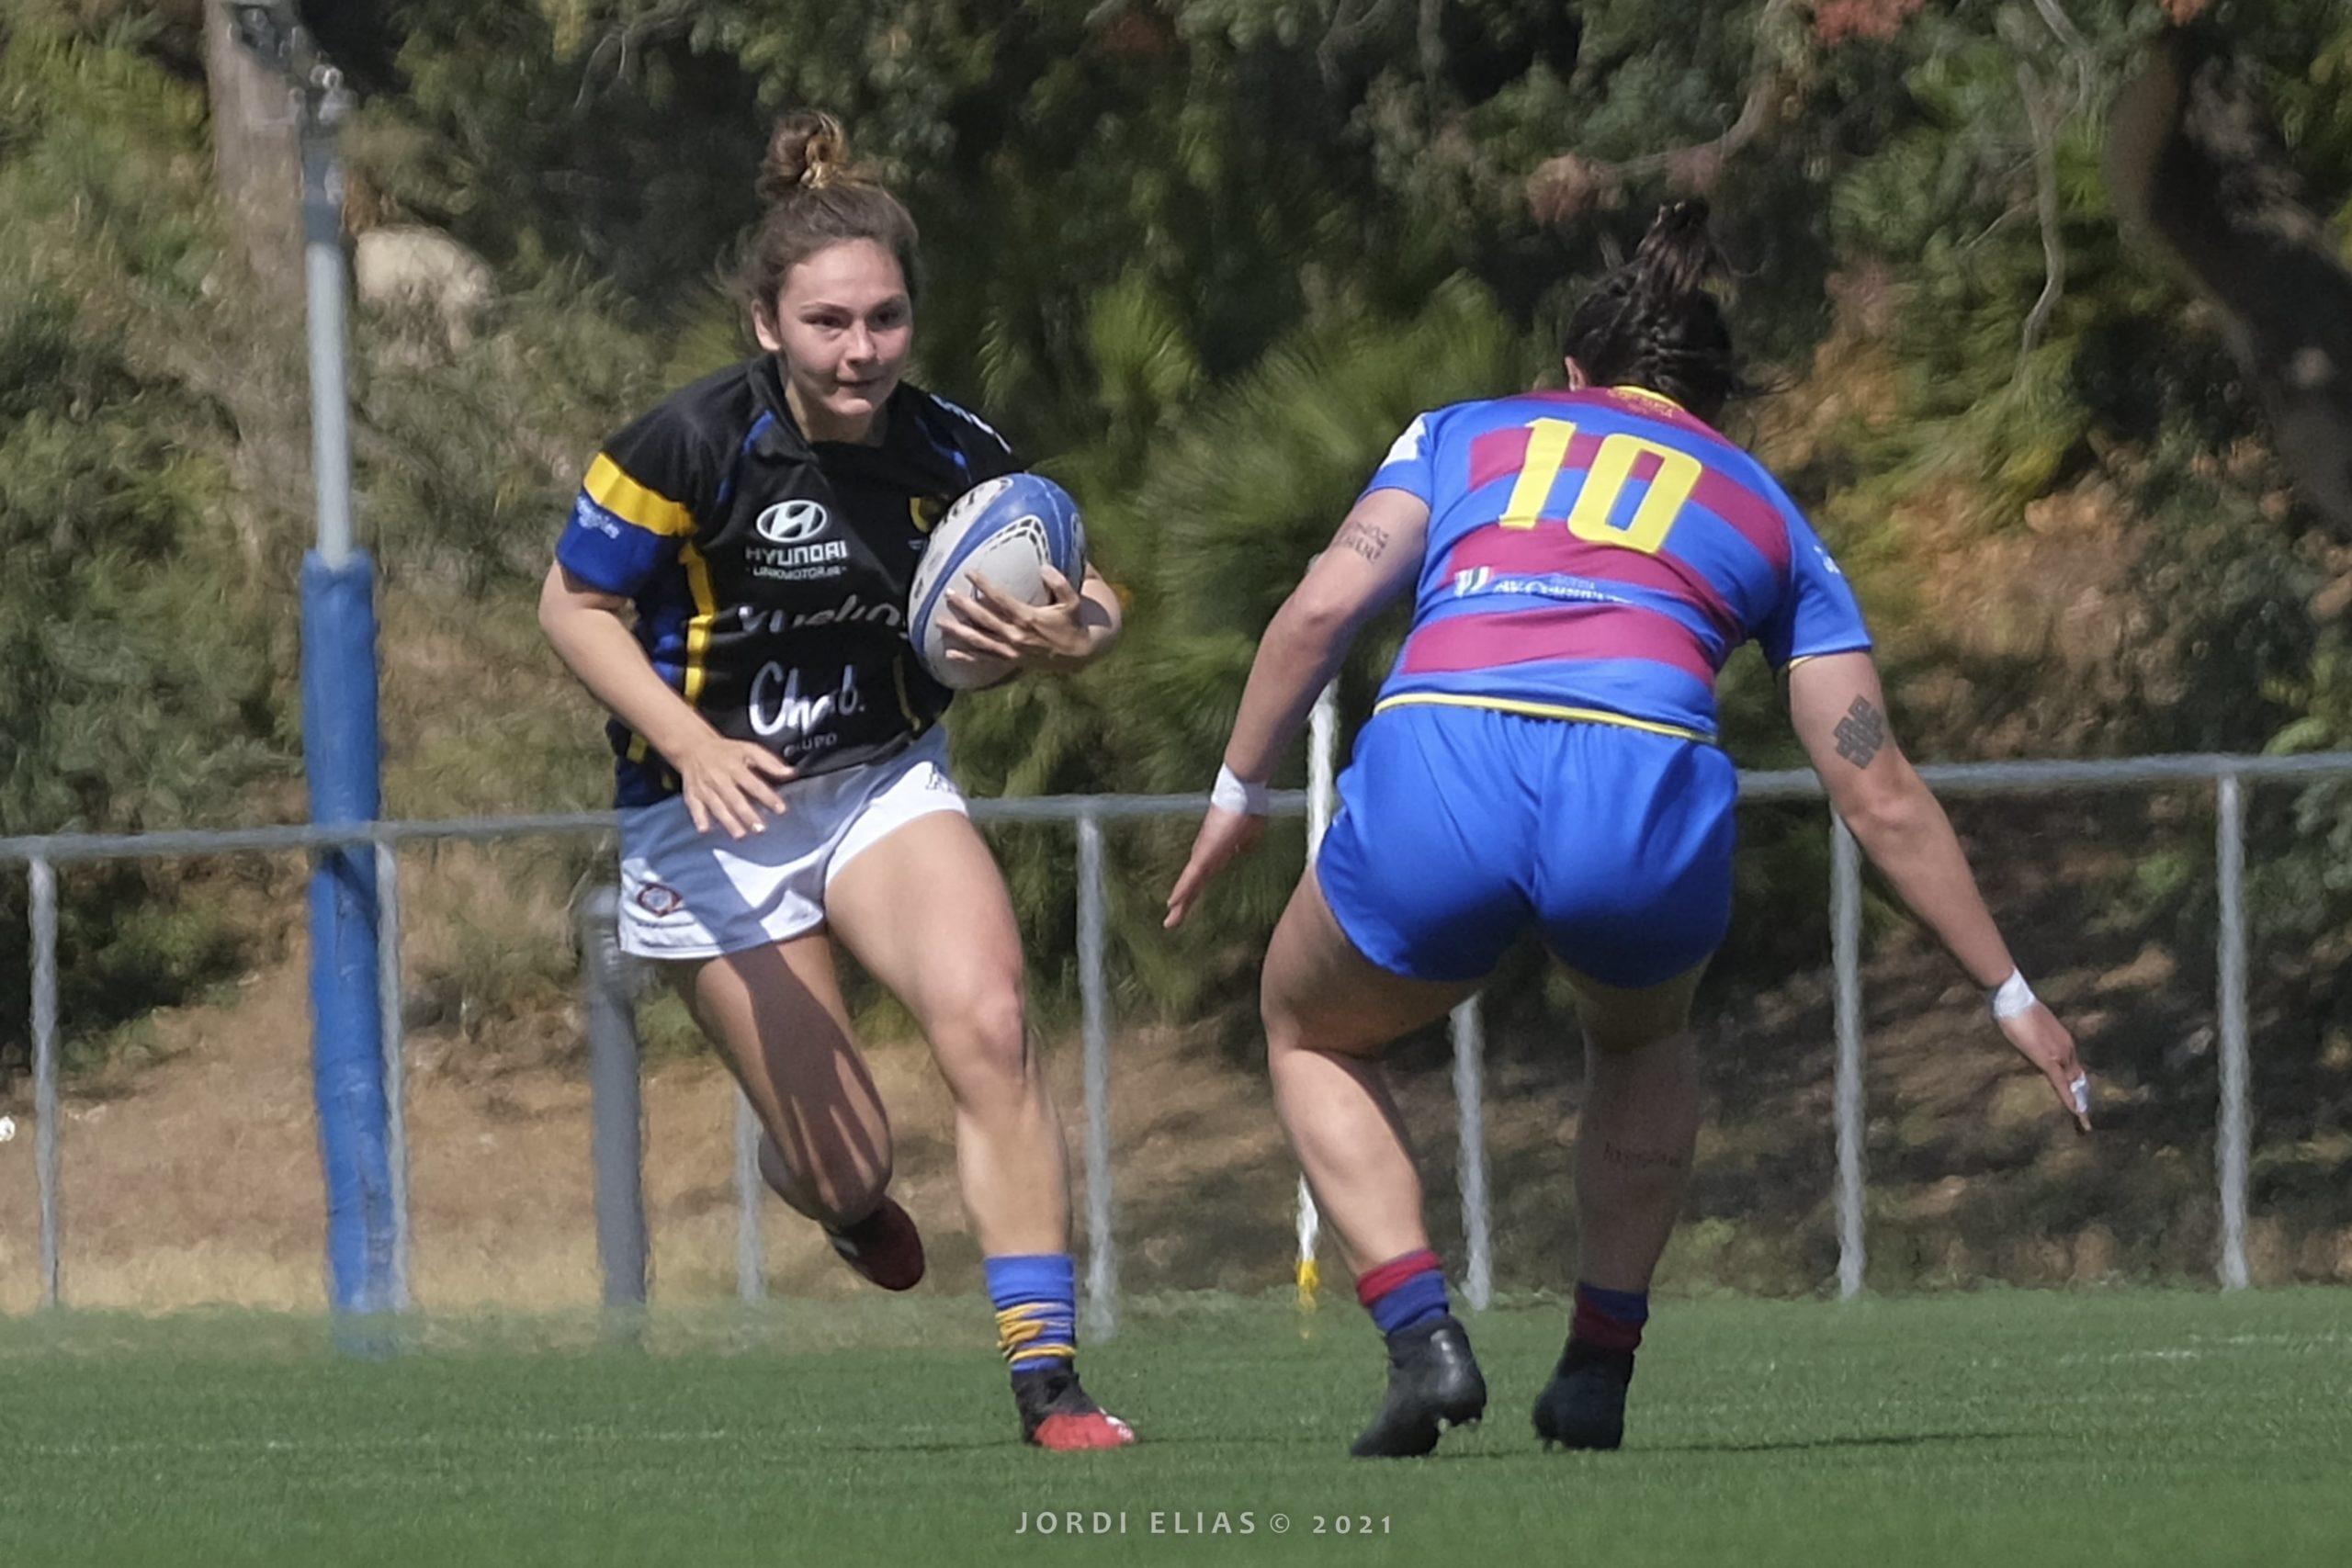 Copa Catalana OR de rugby femenino, donde participa el CRUC